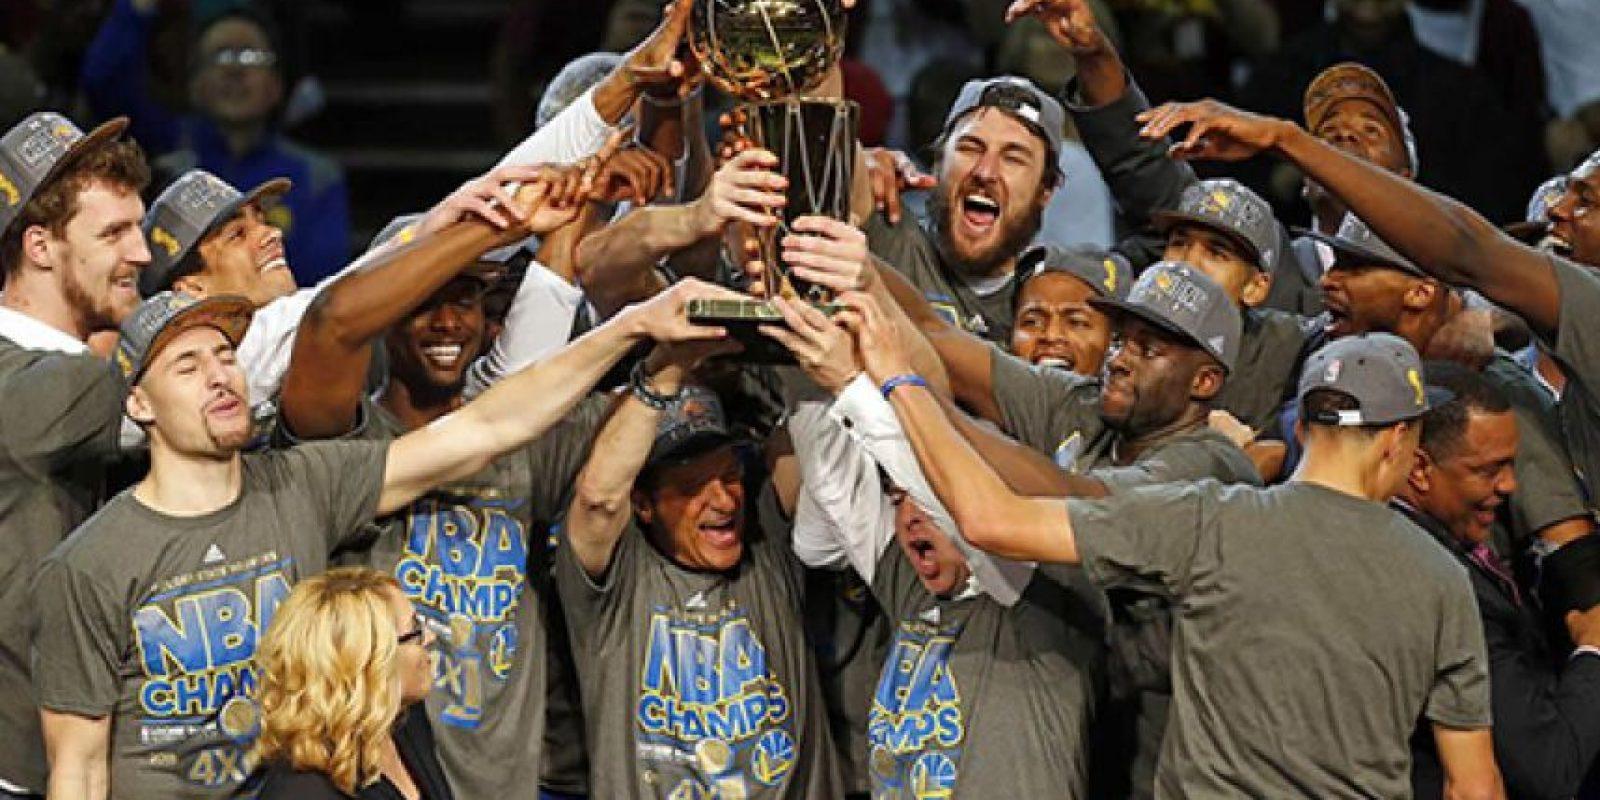 8. Golden State campeón de la NBA. Los Warriors dieron la campanada y son los actuales monarcas de la mejor liga de baloncesto Foto:Getty Images